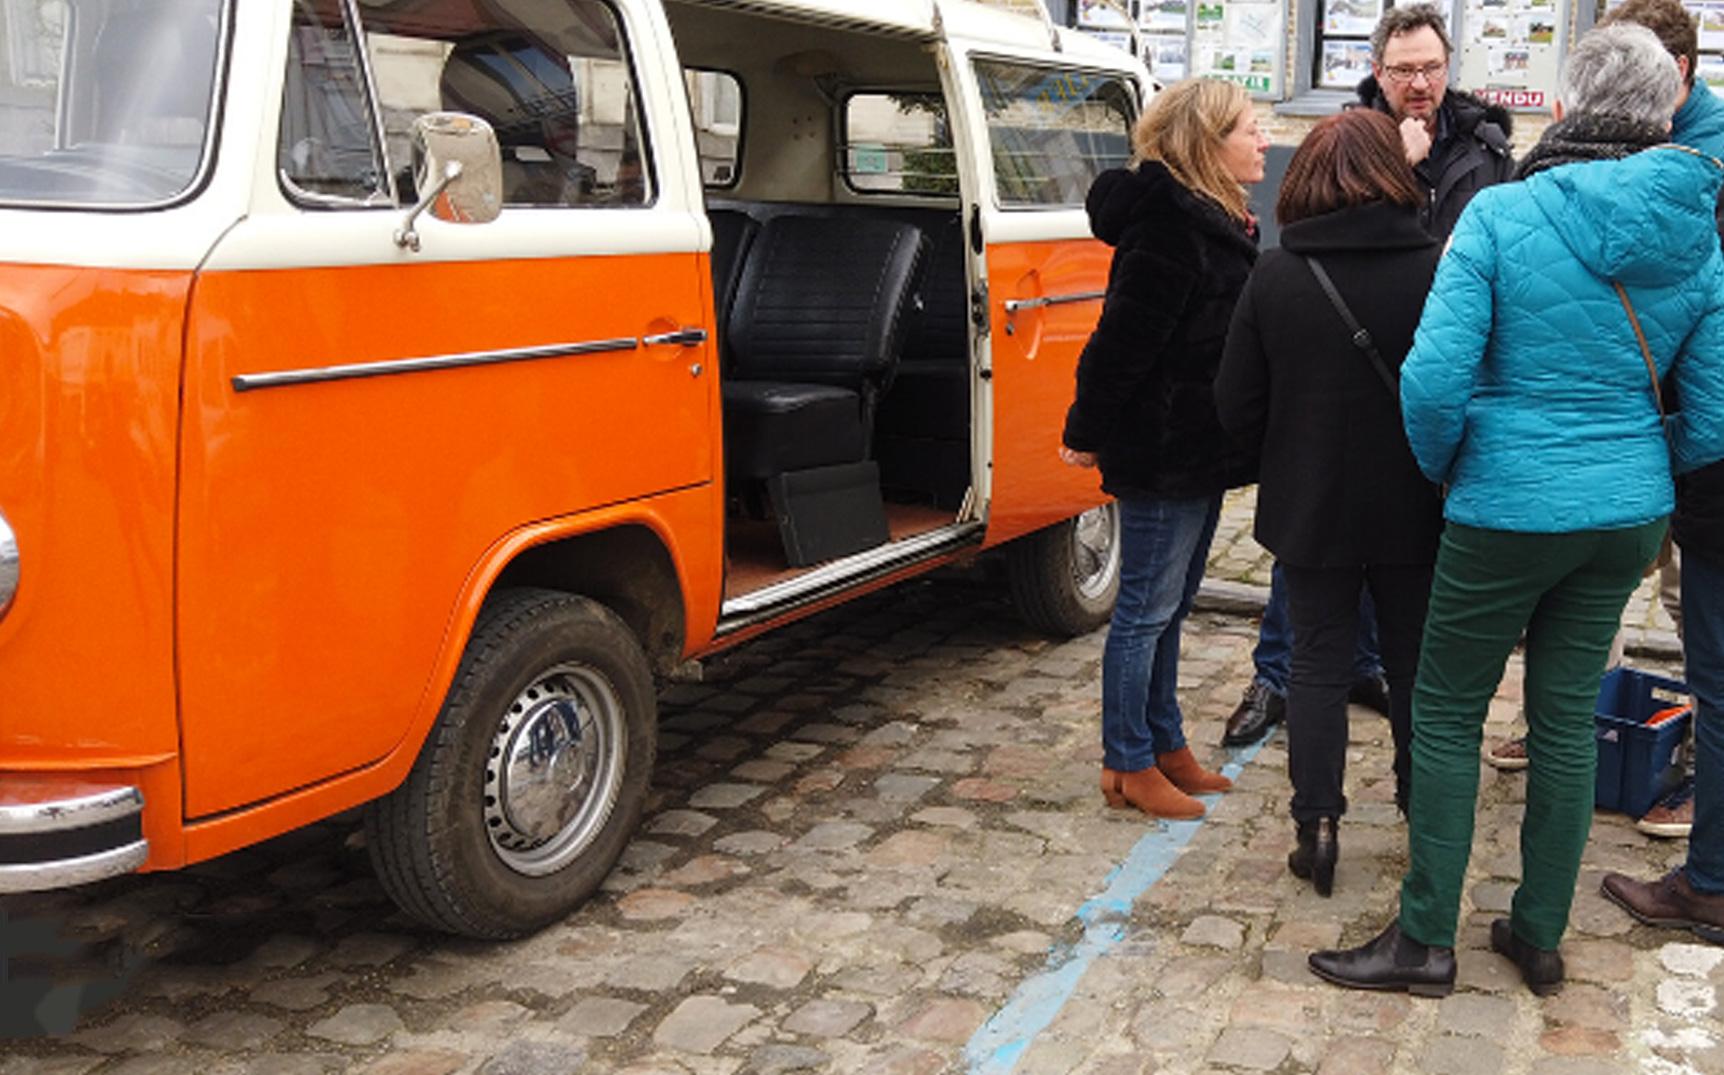 rallye combi volwagen